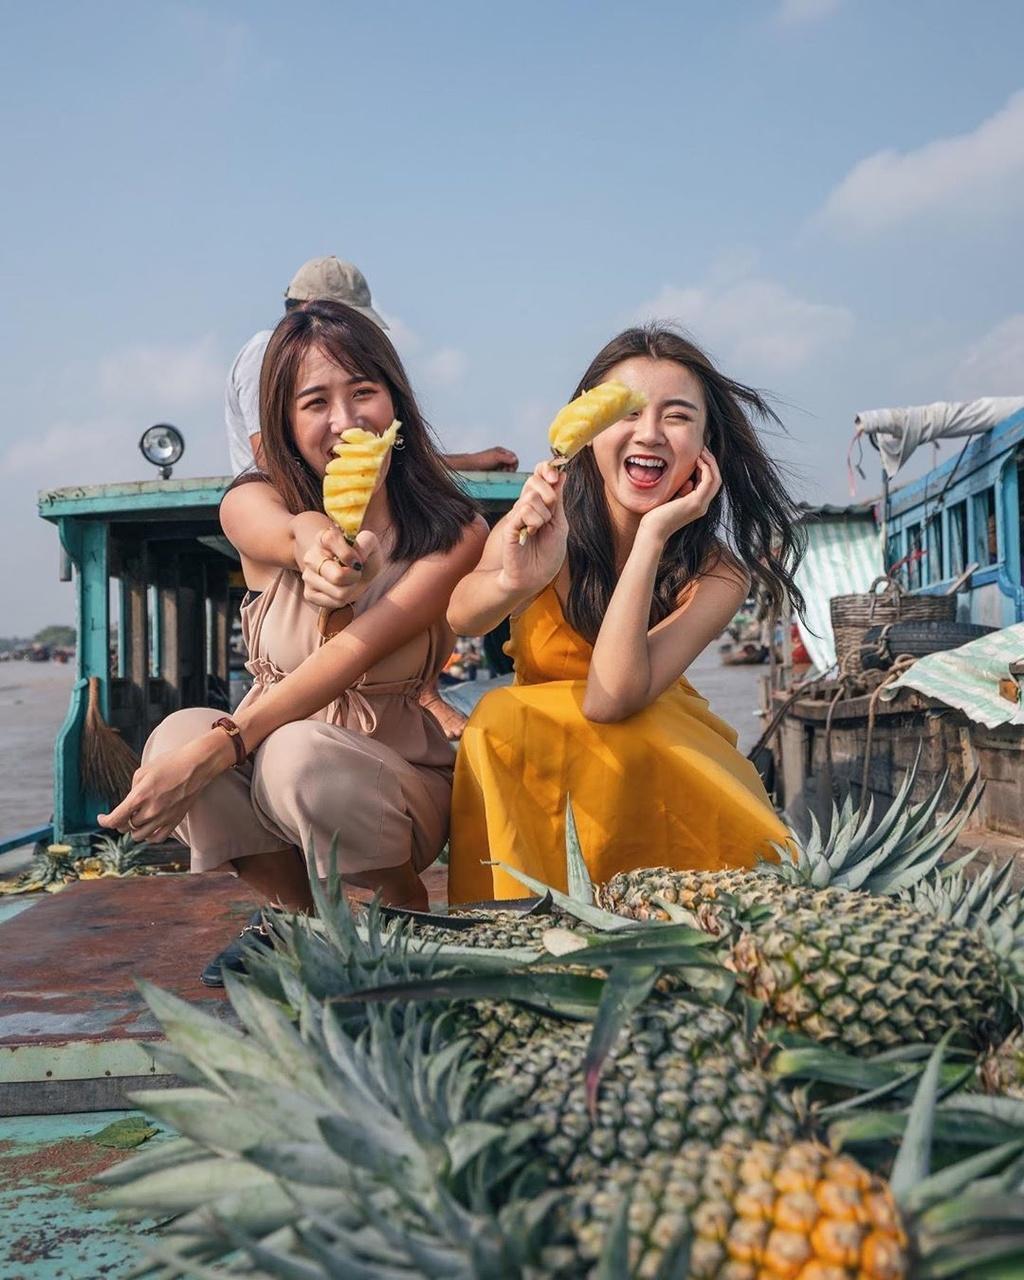 7 diem du lich Viet duoc truyen thong nuoc ngoai ca ngoi nam 2019 hinh anh 15  - darayixin_ - 7 điểm du lịch Việt được truyền thông nước ngoài ca ngợi năm 2019